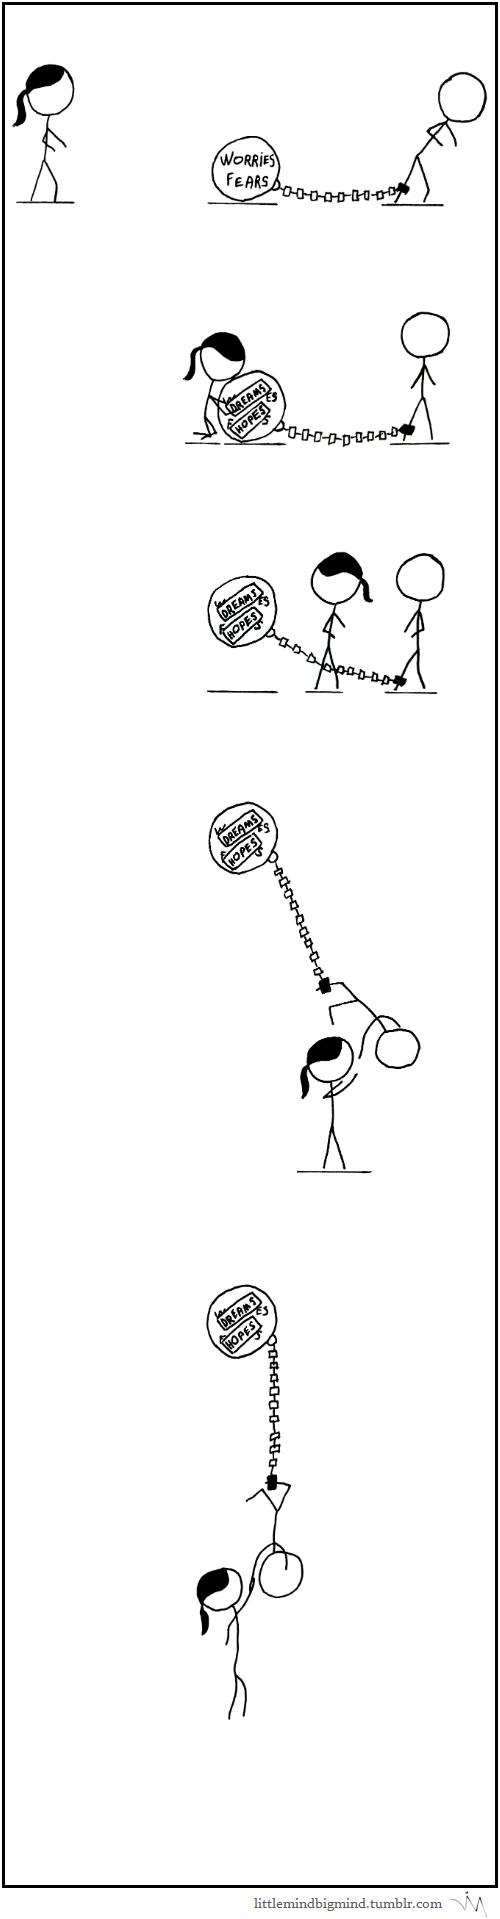 fear dreams nice web comics - 8353799424